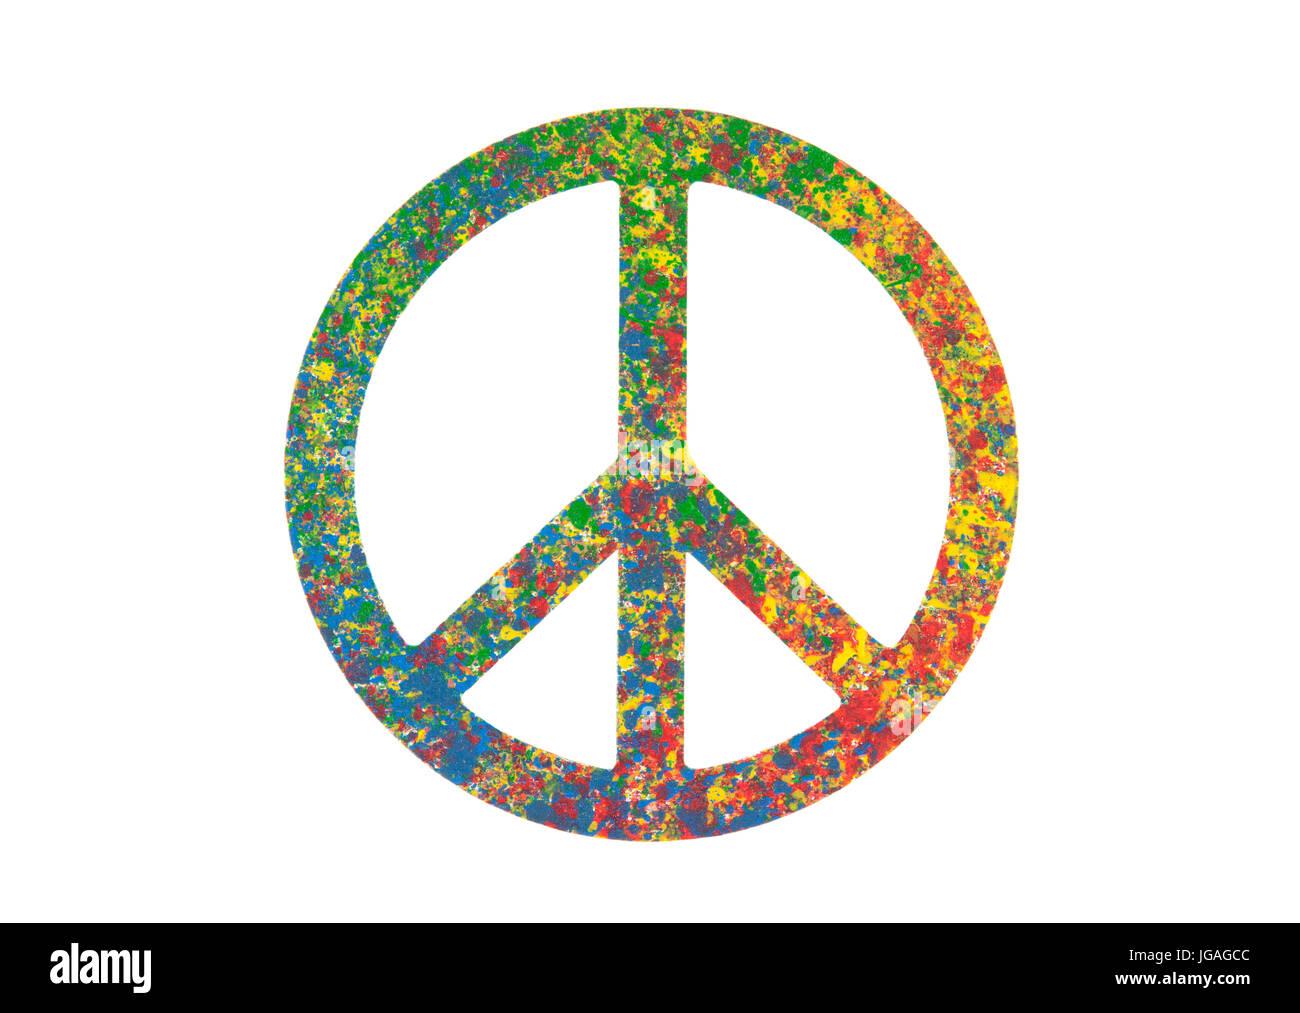 Symbole de paix peints colorés isolé sur blanc avec clipping path Photo Stock